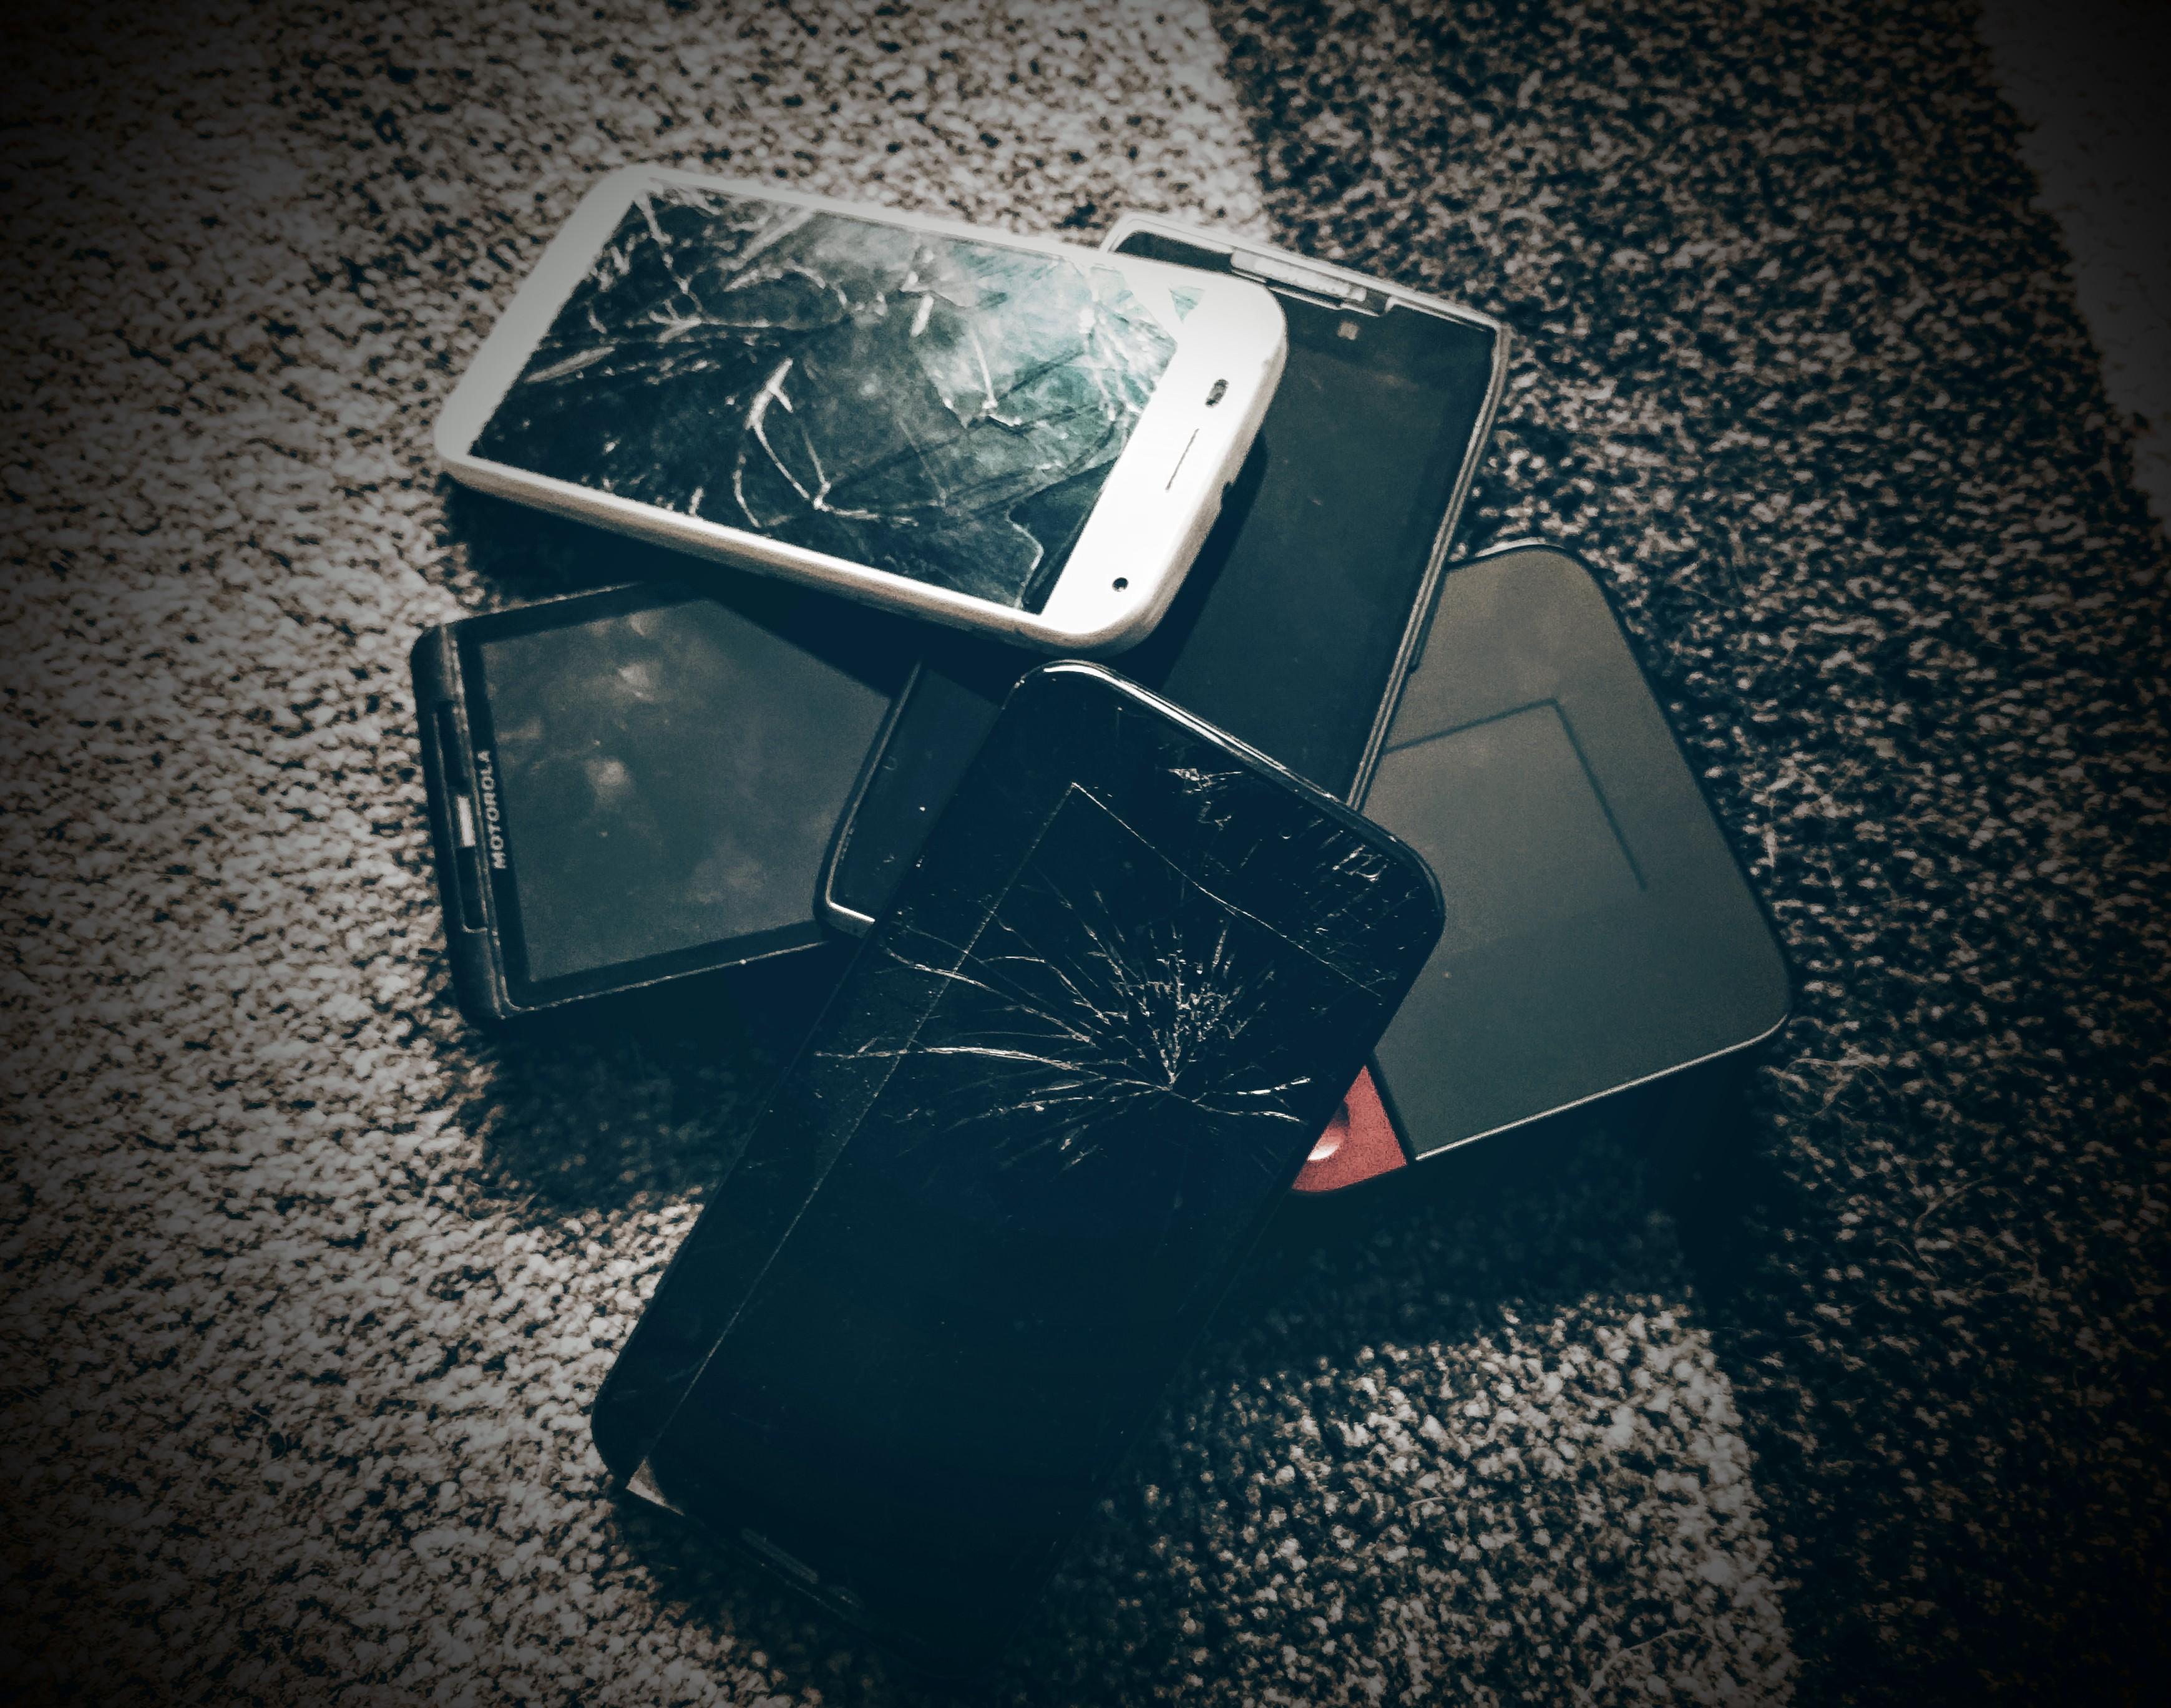 BrokenPhones